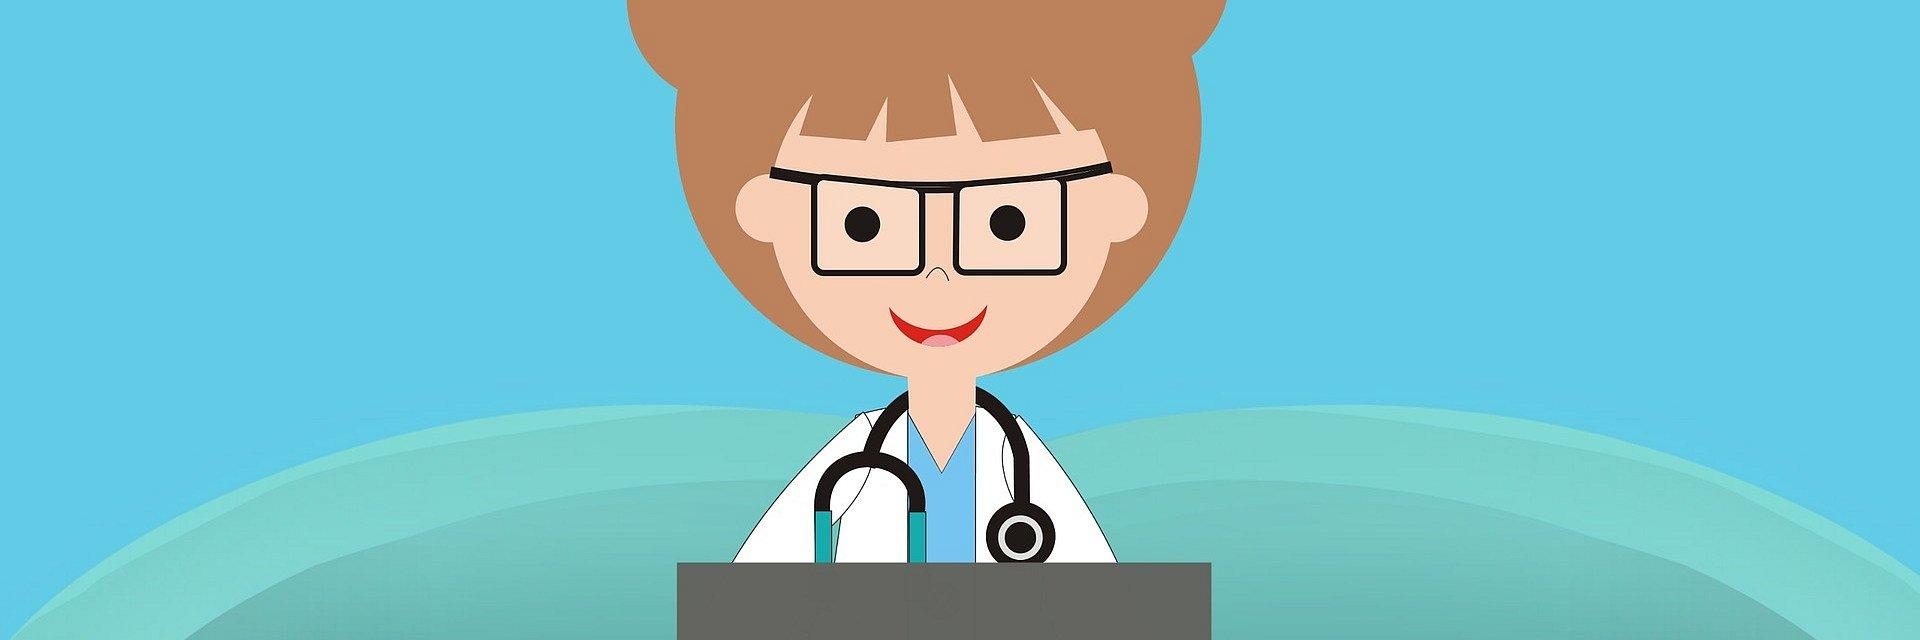 Ile recept wystawiły pielęgniarki?